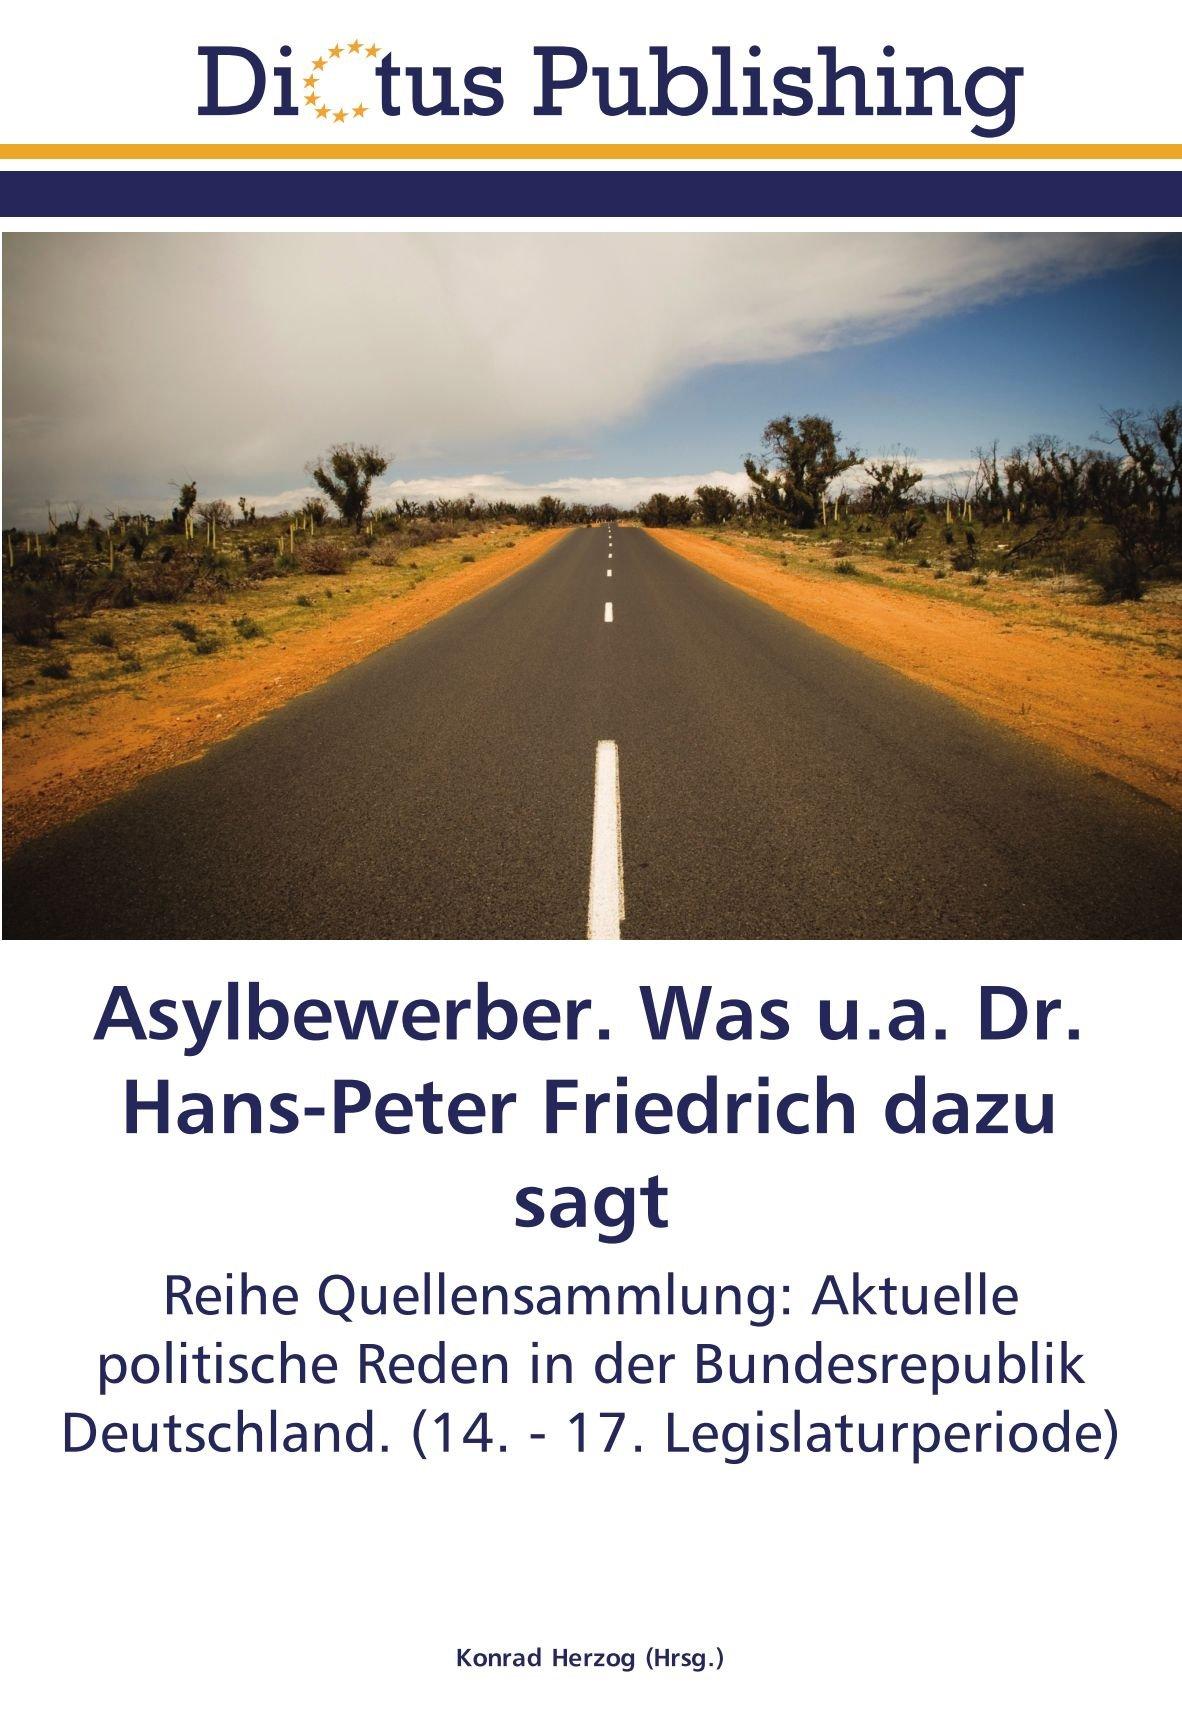 Download Asylbewerber. Was u.a. Dr. Hans-Peter Friedrich dazu sagt: Reihe Quellensammlung: Aktuelle politische Reden in der Bundesrepublik Deutschland. (14. - 17. Legislaturperiode) (German Edition) pdf